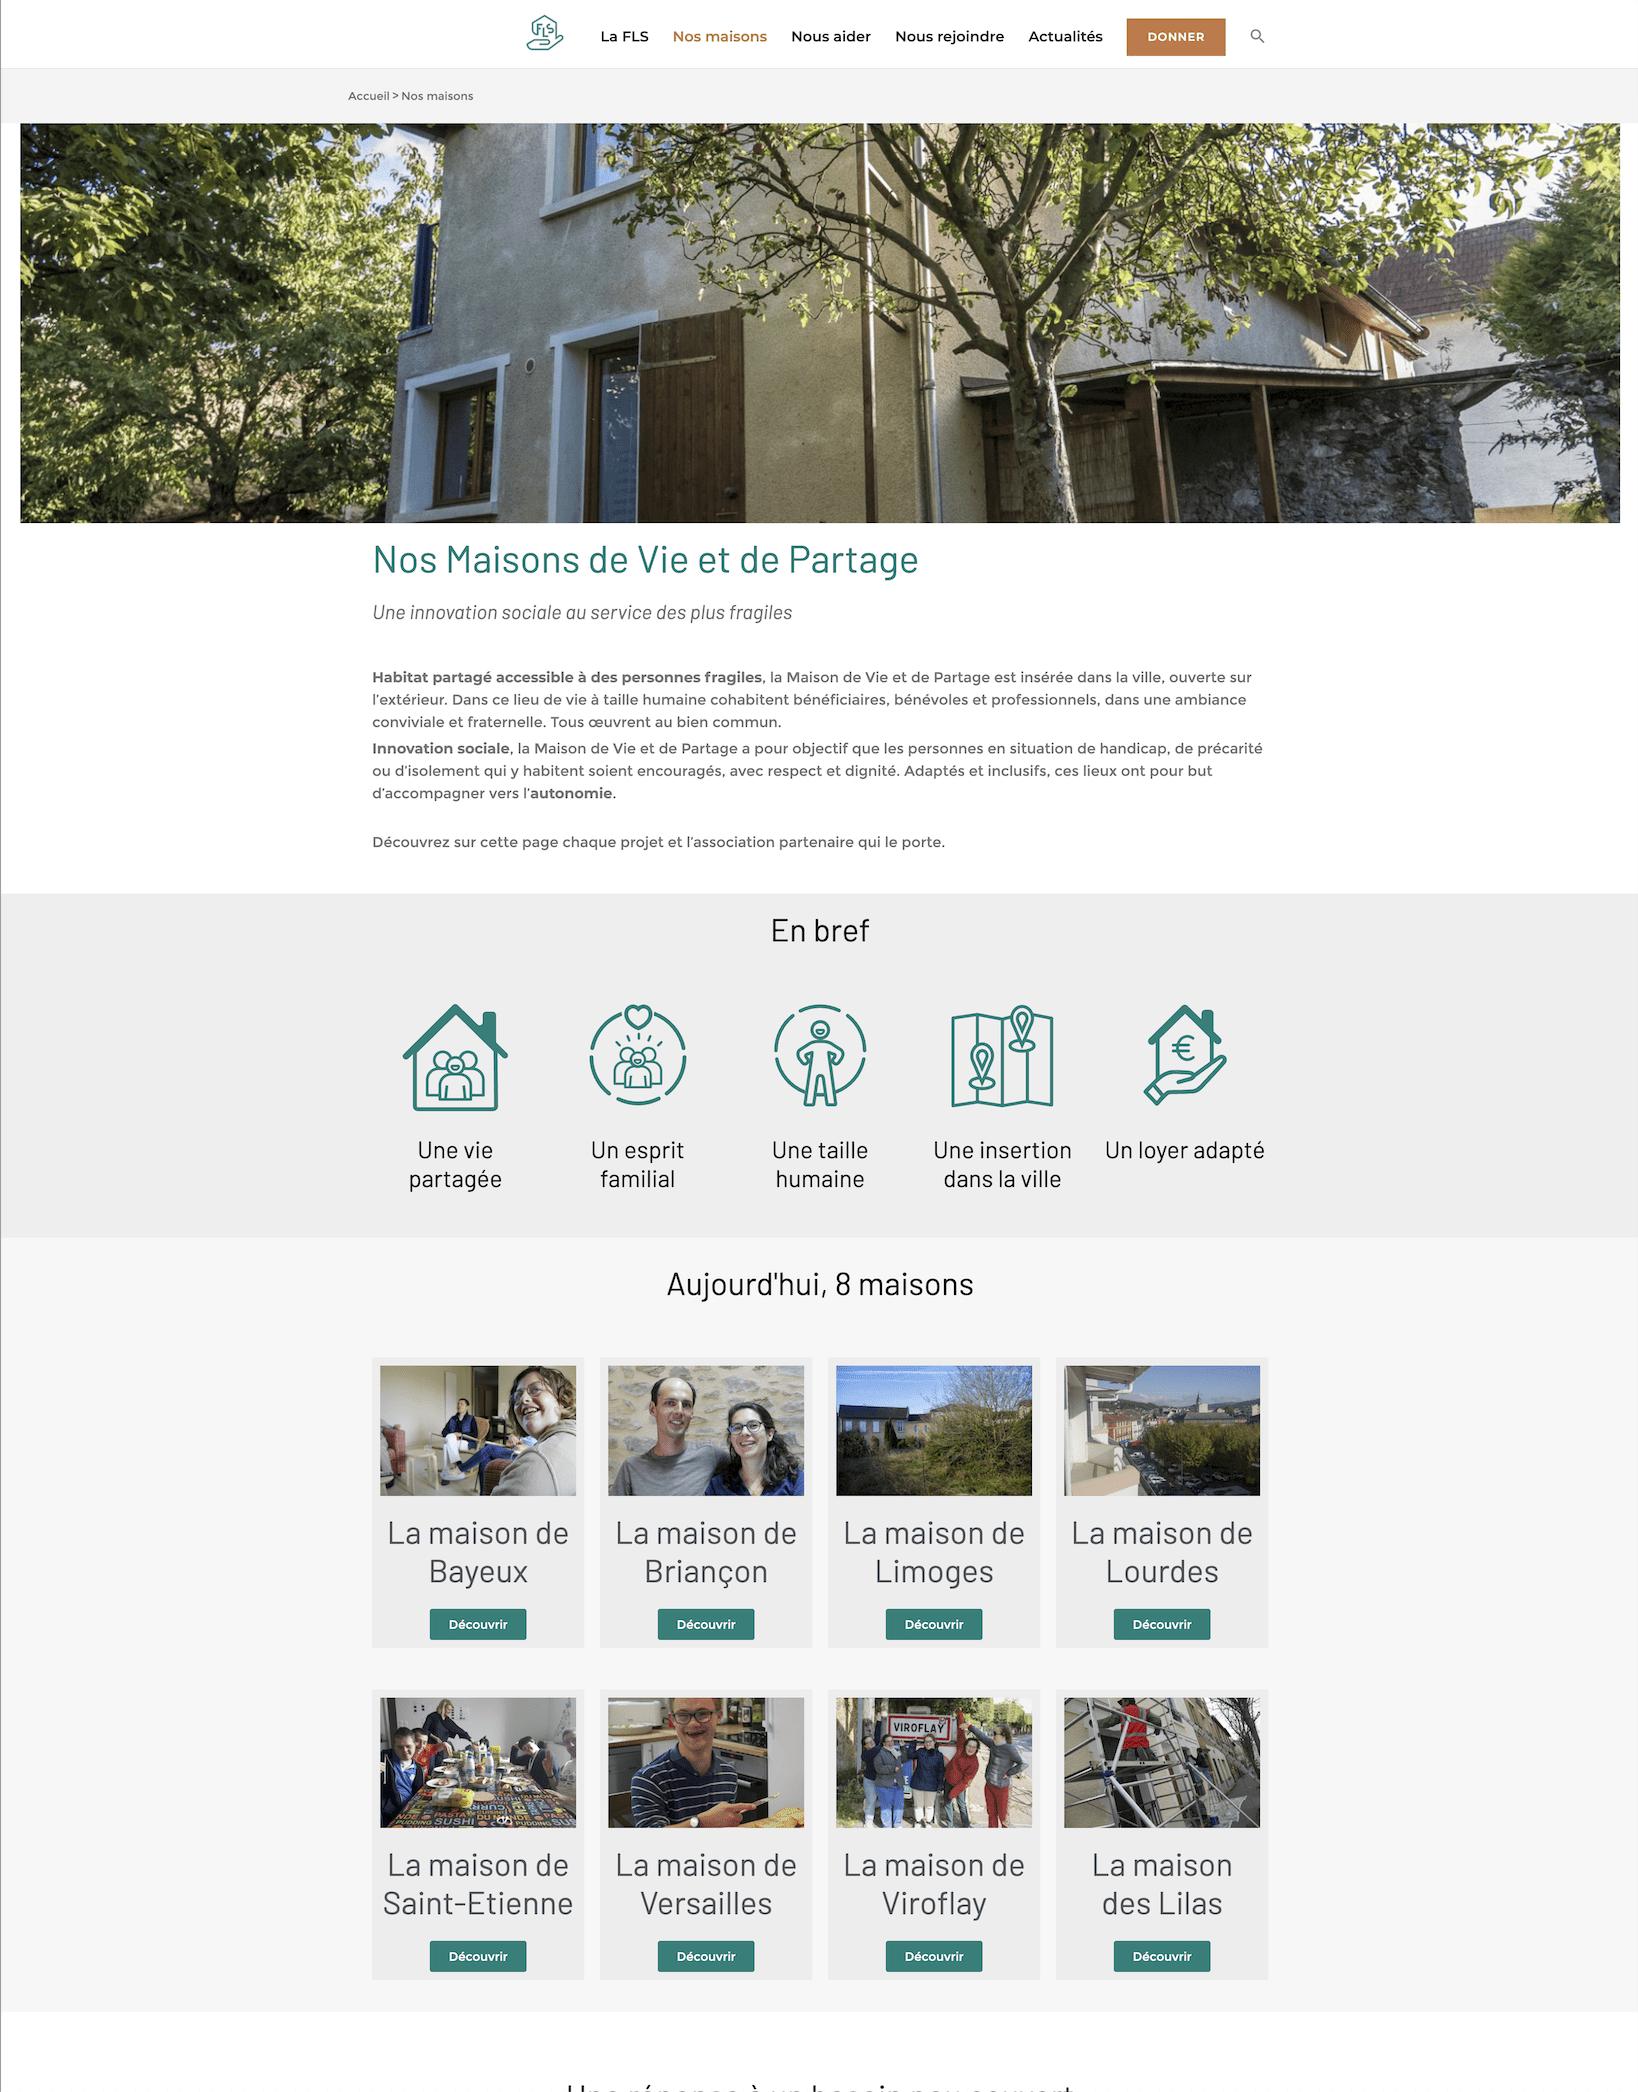 pages des maisons de vie et de partage